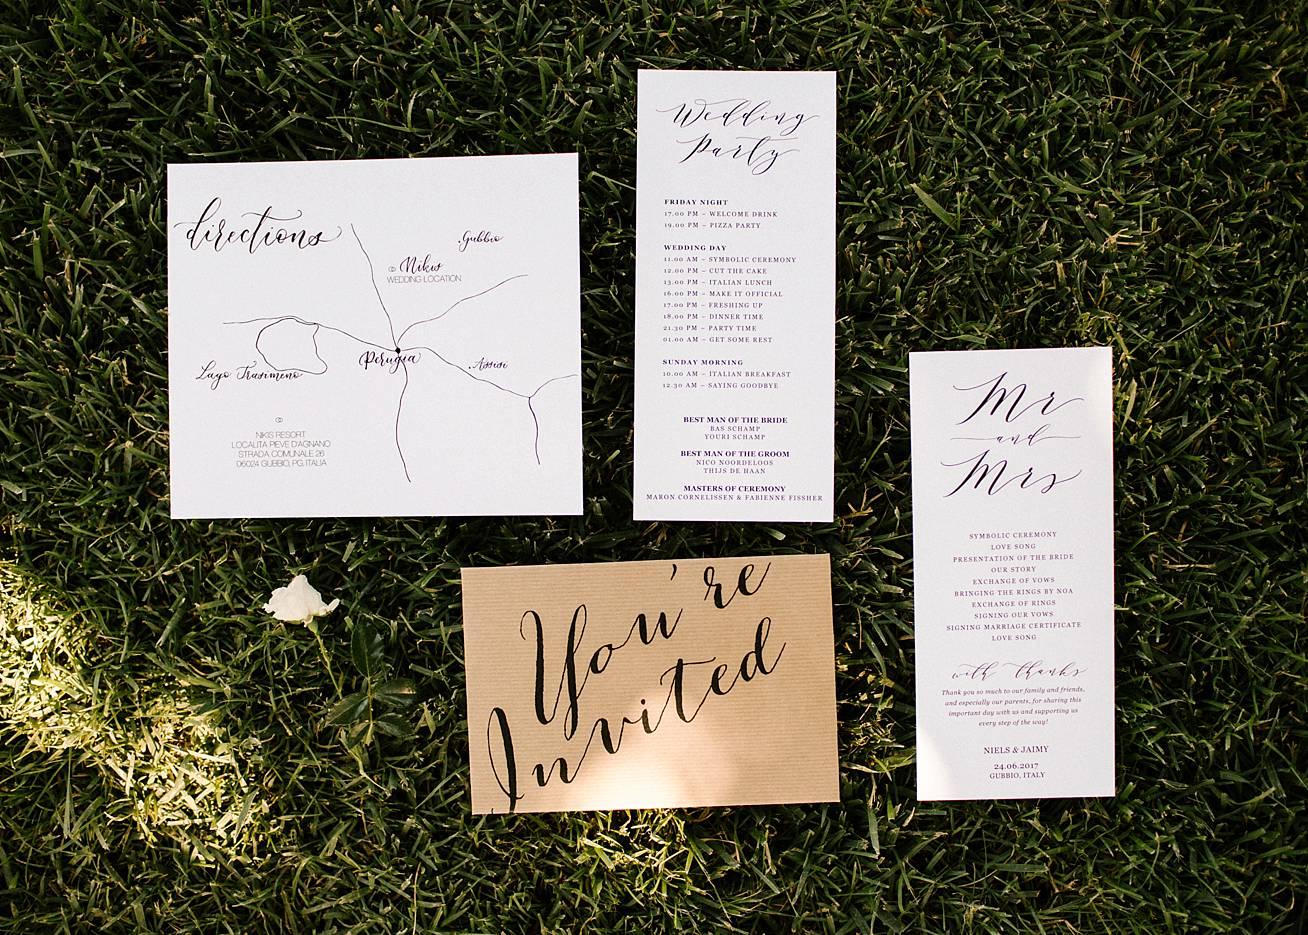 Amanda-Drost-Fotografie-trouwen-in-italie-bruidsfotografie_0014.jpg